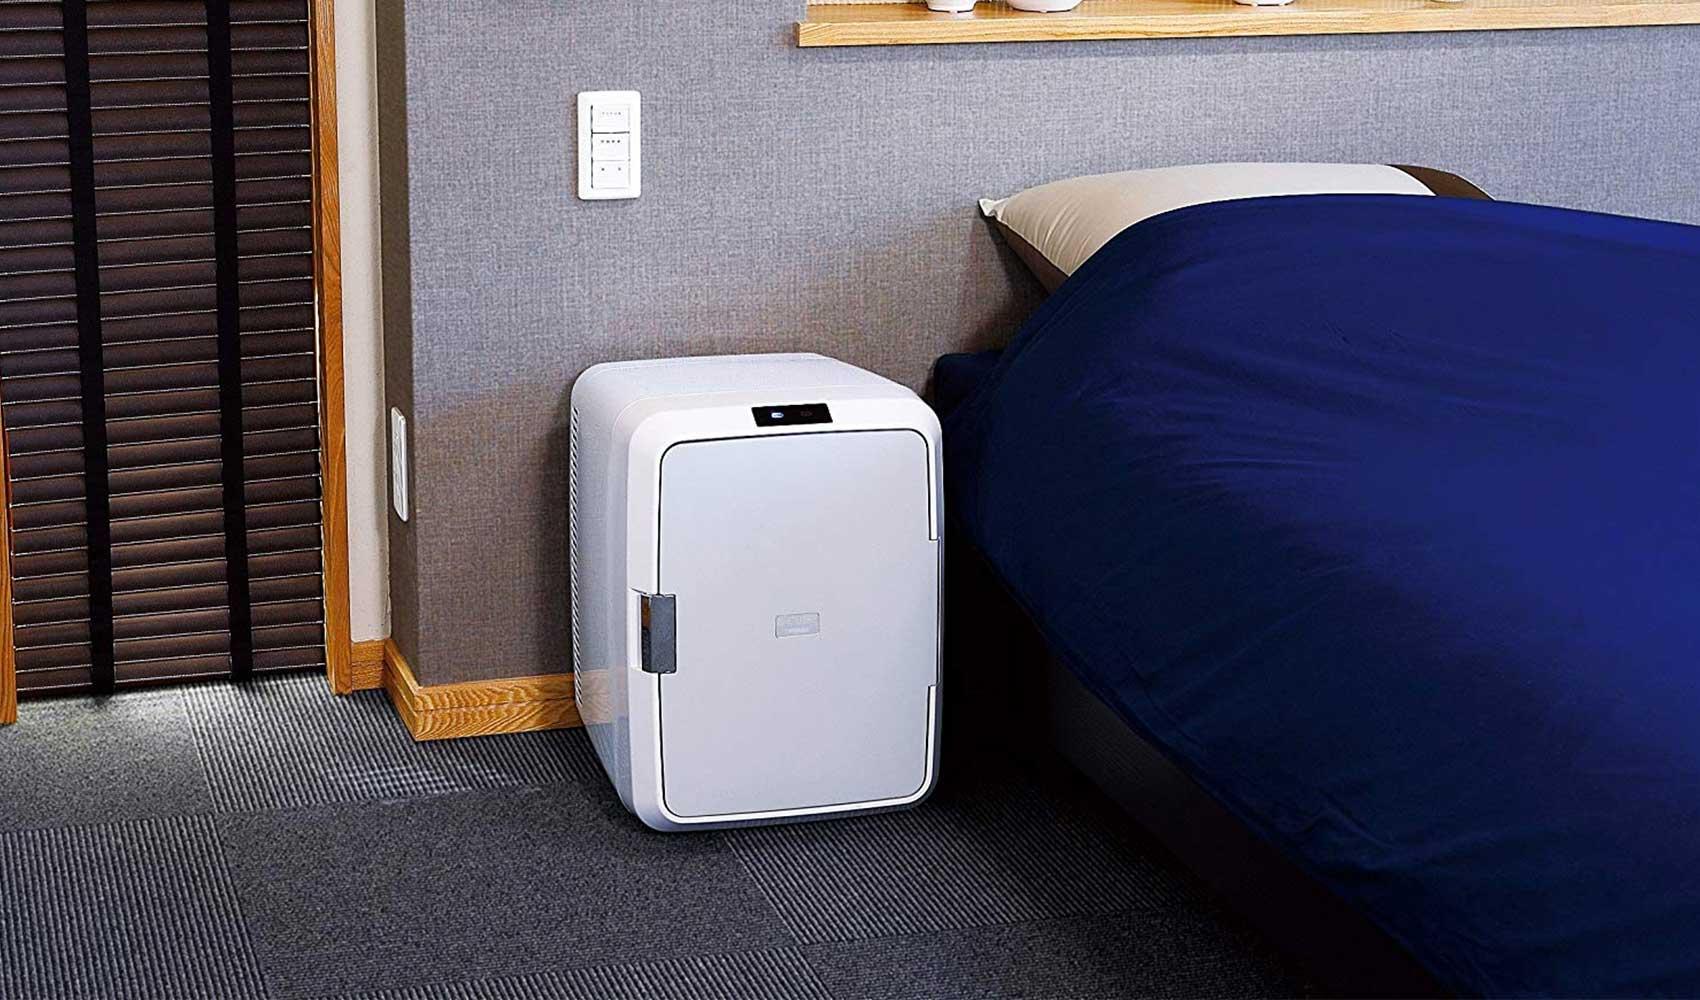 オシャレな小型冷蔵庫オススメ10選!デザイン性の高い1ドア・2ドアモデルをご紹介!